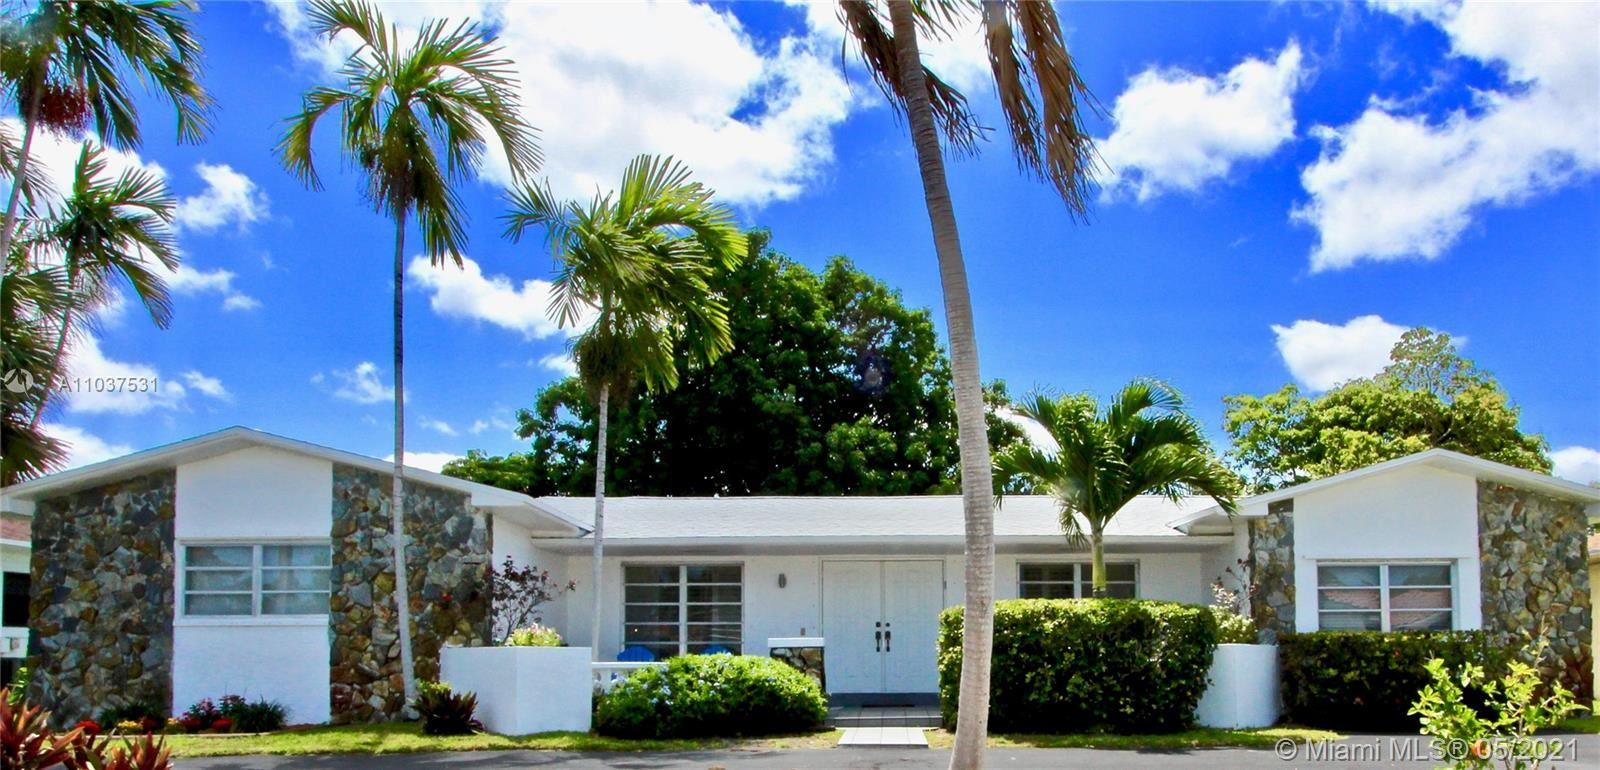 21230 NE 19th Ave, Miami, FL 33179 - #: A11037531